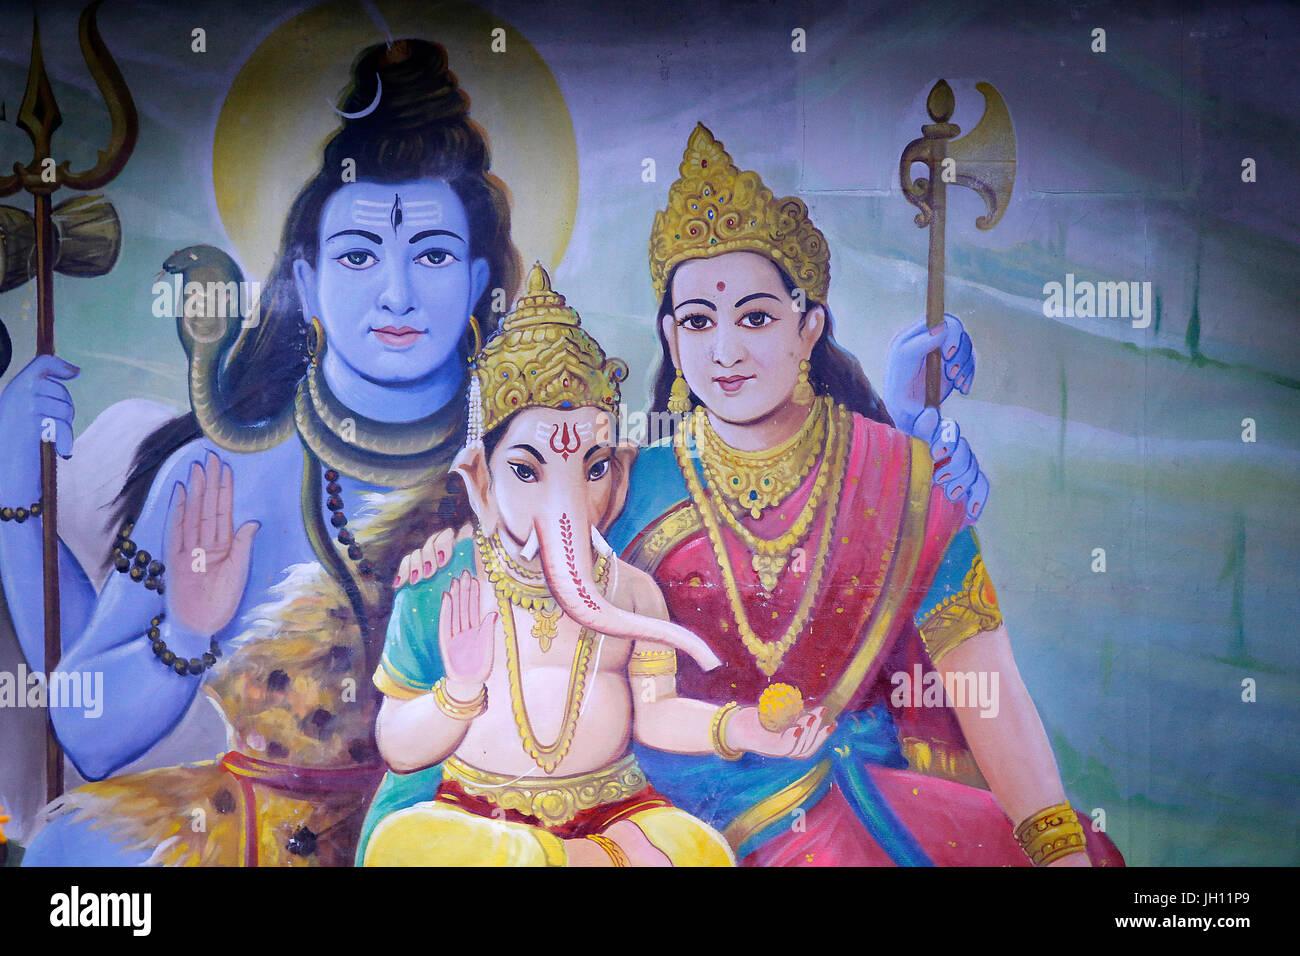 Shree Ram Mandir Leicester Ihr Sohn Ganesh Shiva Und Parvati Vereinigtes Konigreich Stockfotografie Alamy